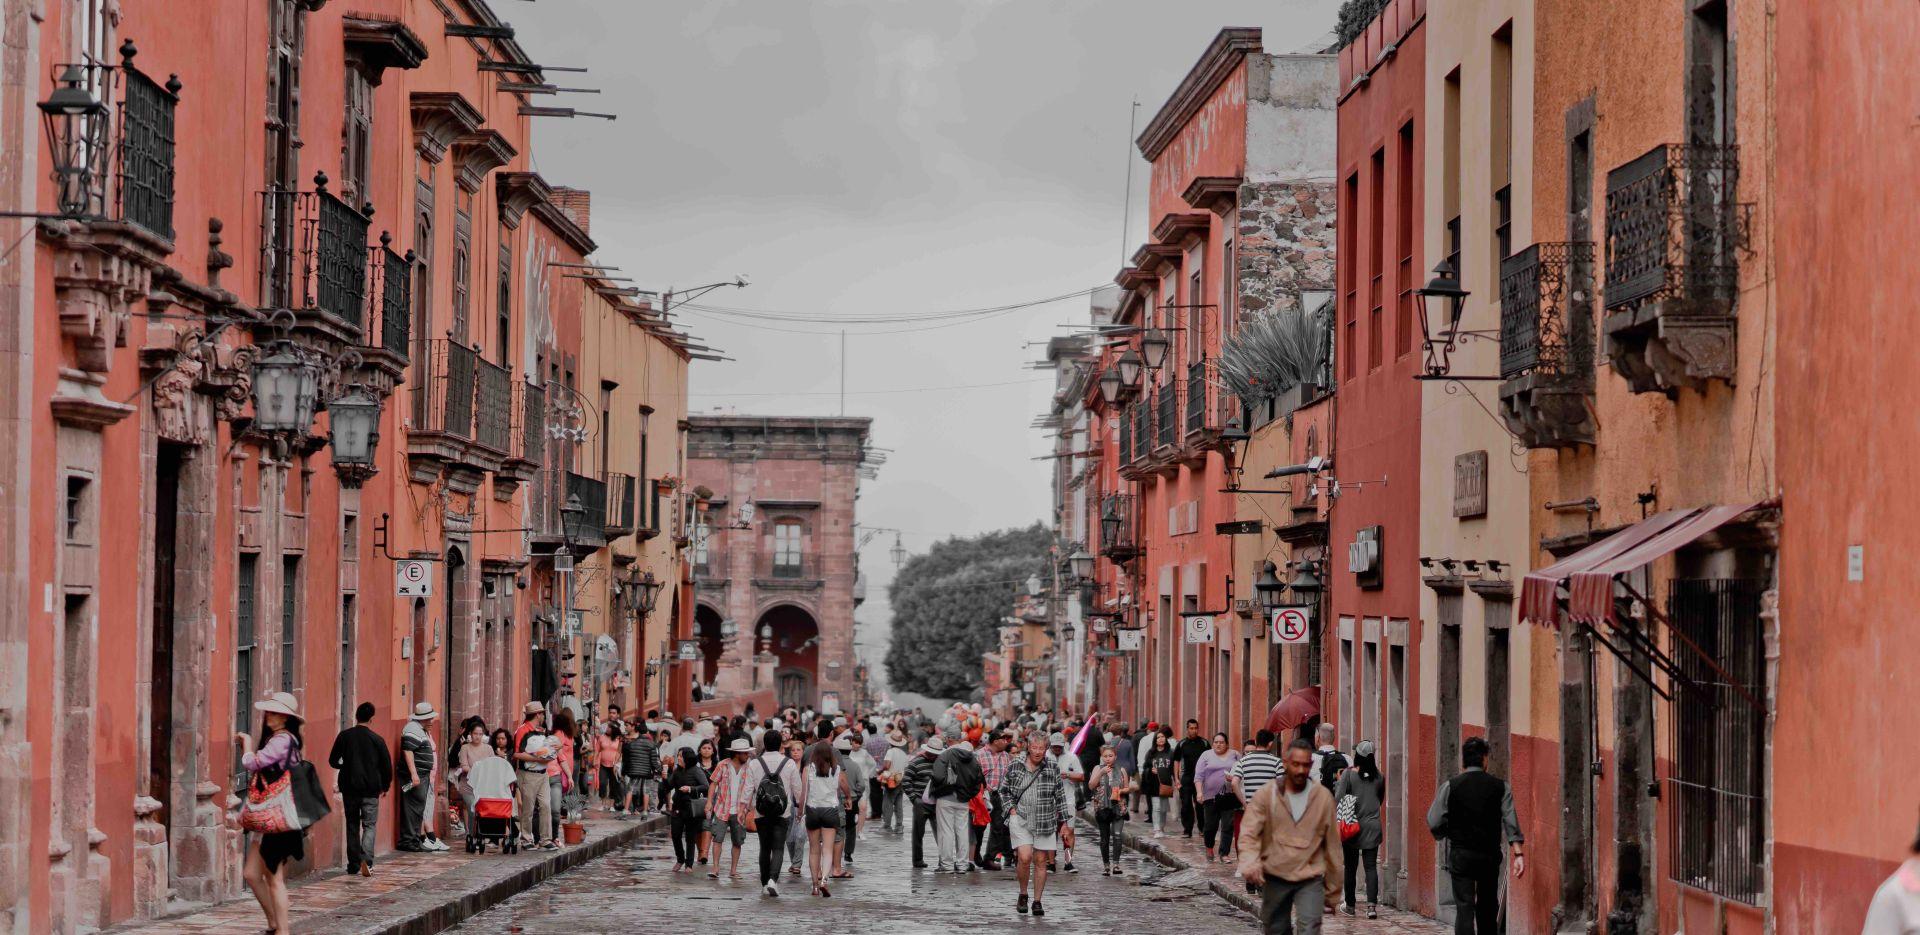 San Miguel de Allende, Mexico—Picture: Jezael Melgoza